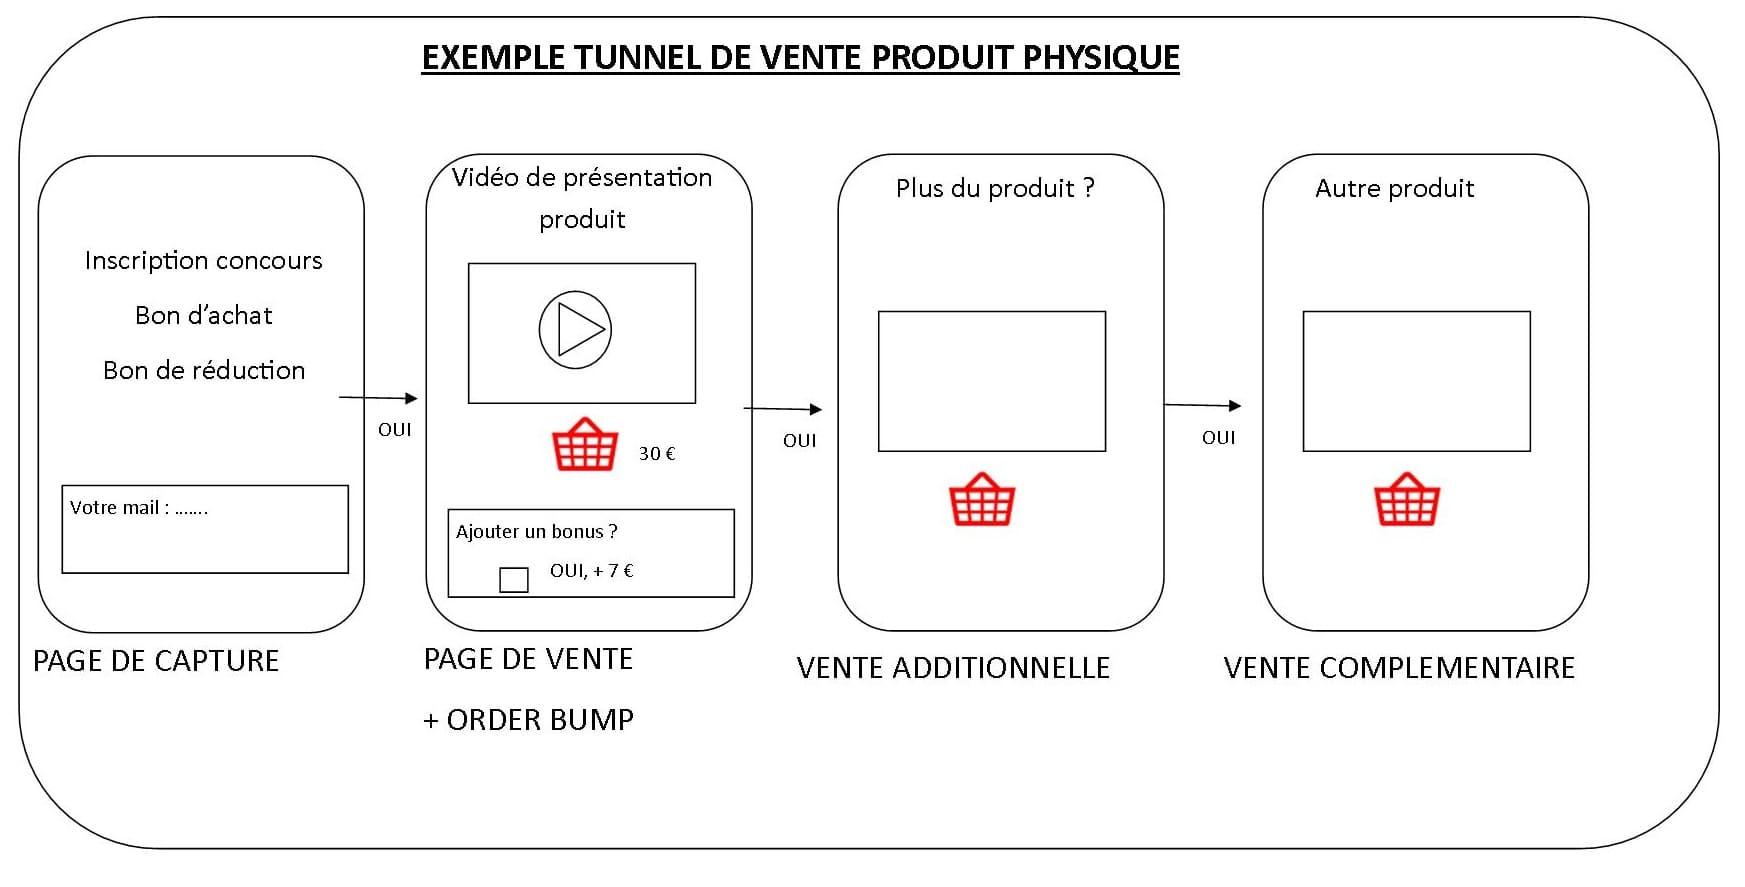 exemple tunnel vente produit physique